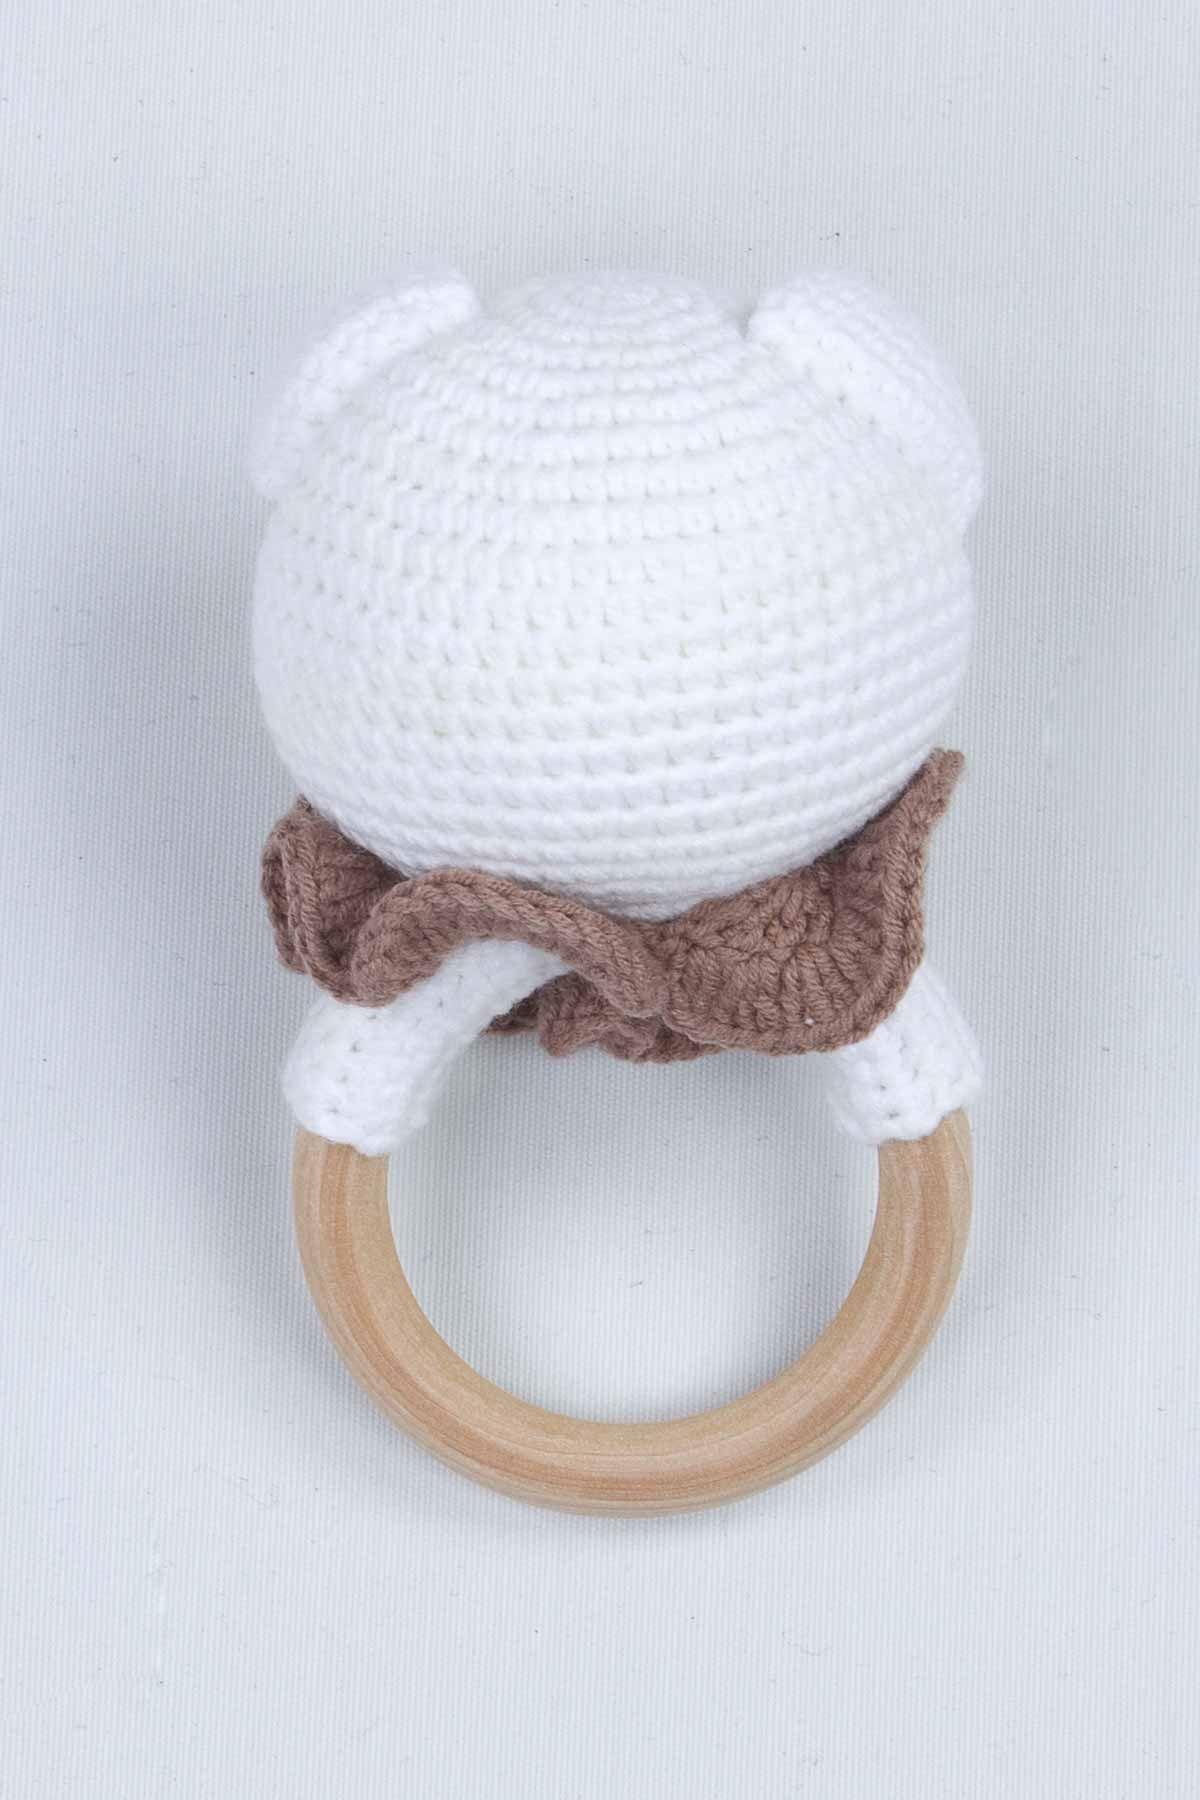 Beyaz Organik El Yapımı Amigurumi Ayıcık Çıngırak Oyuncak